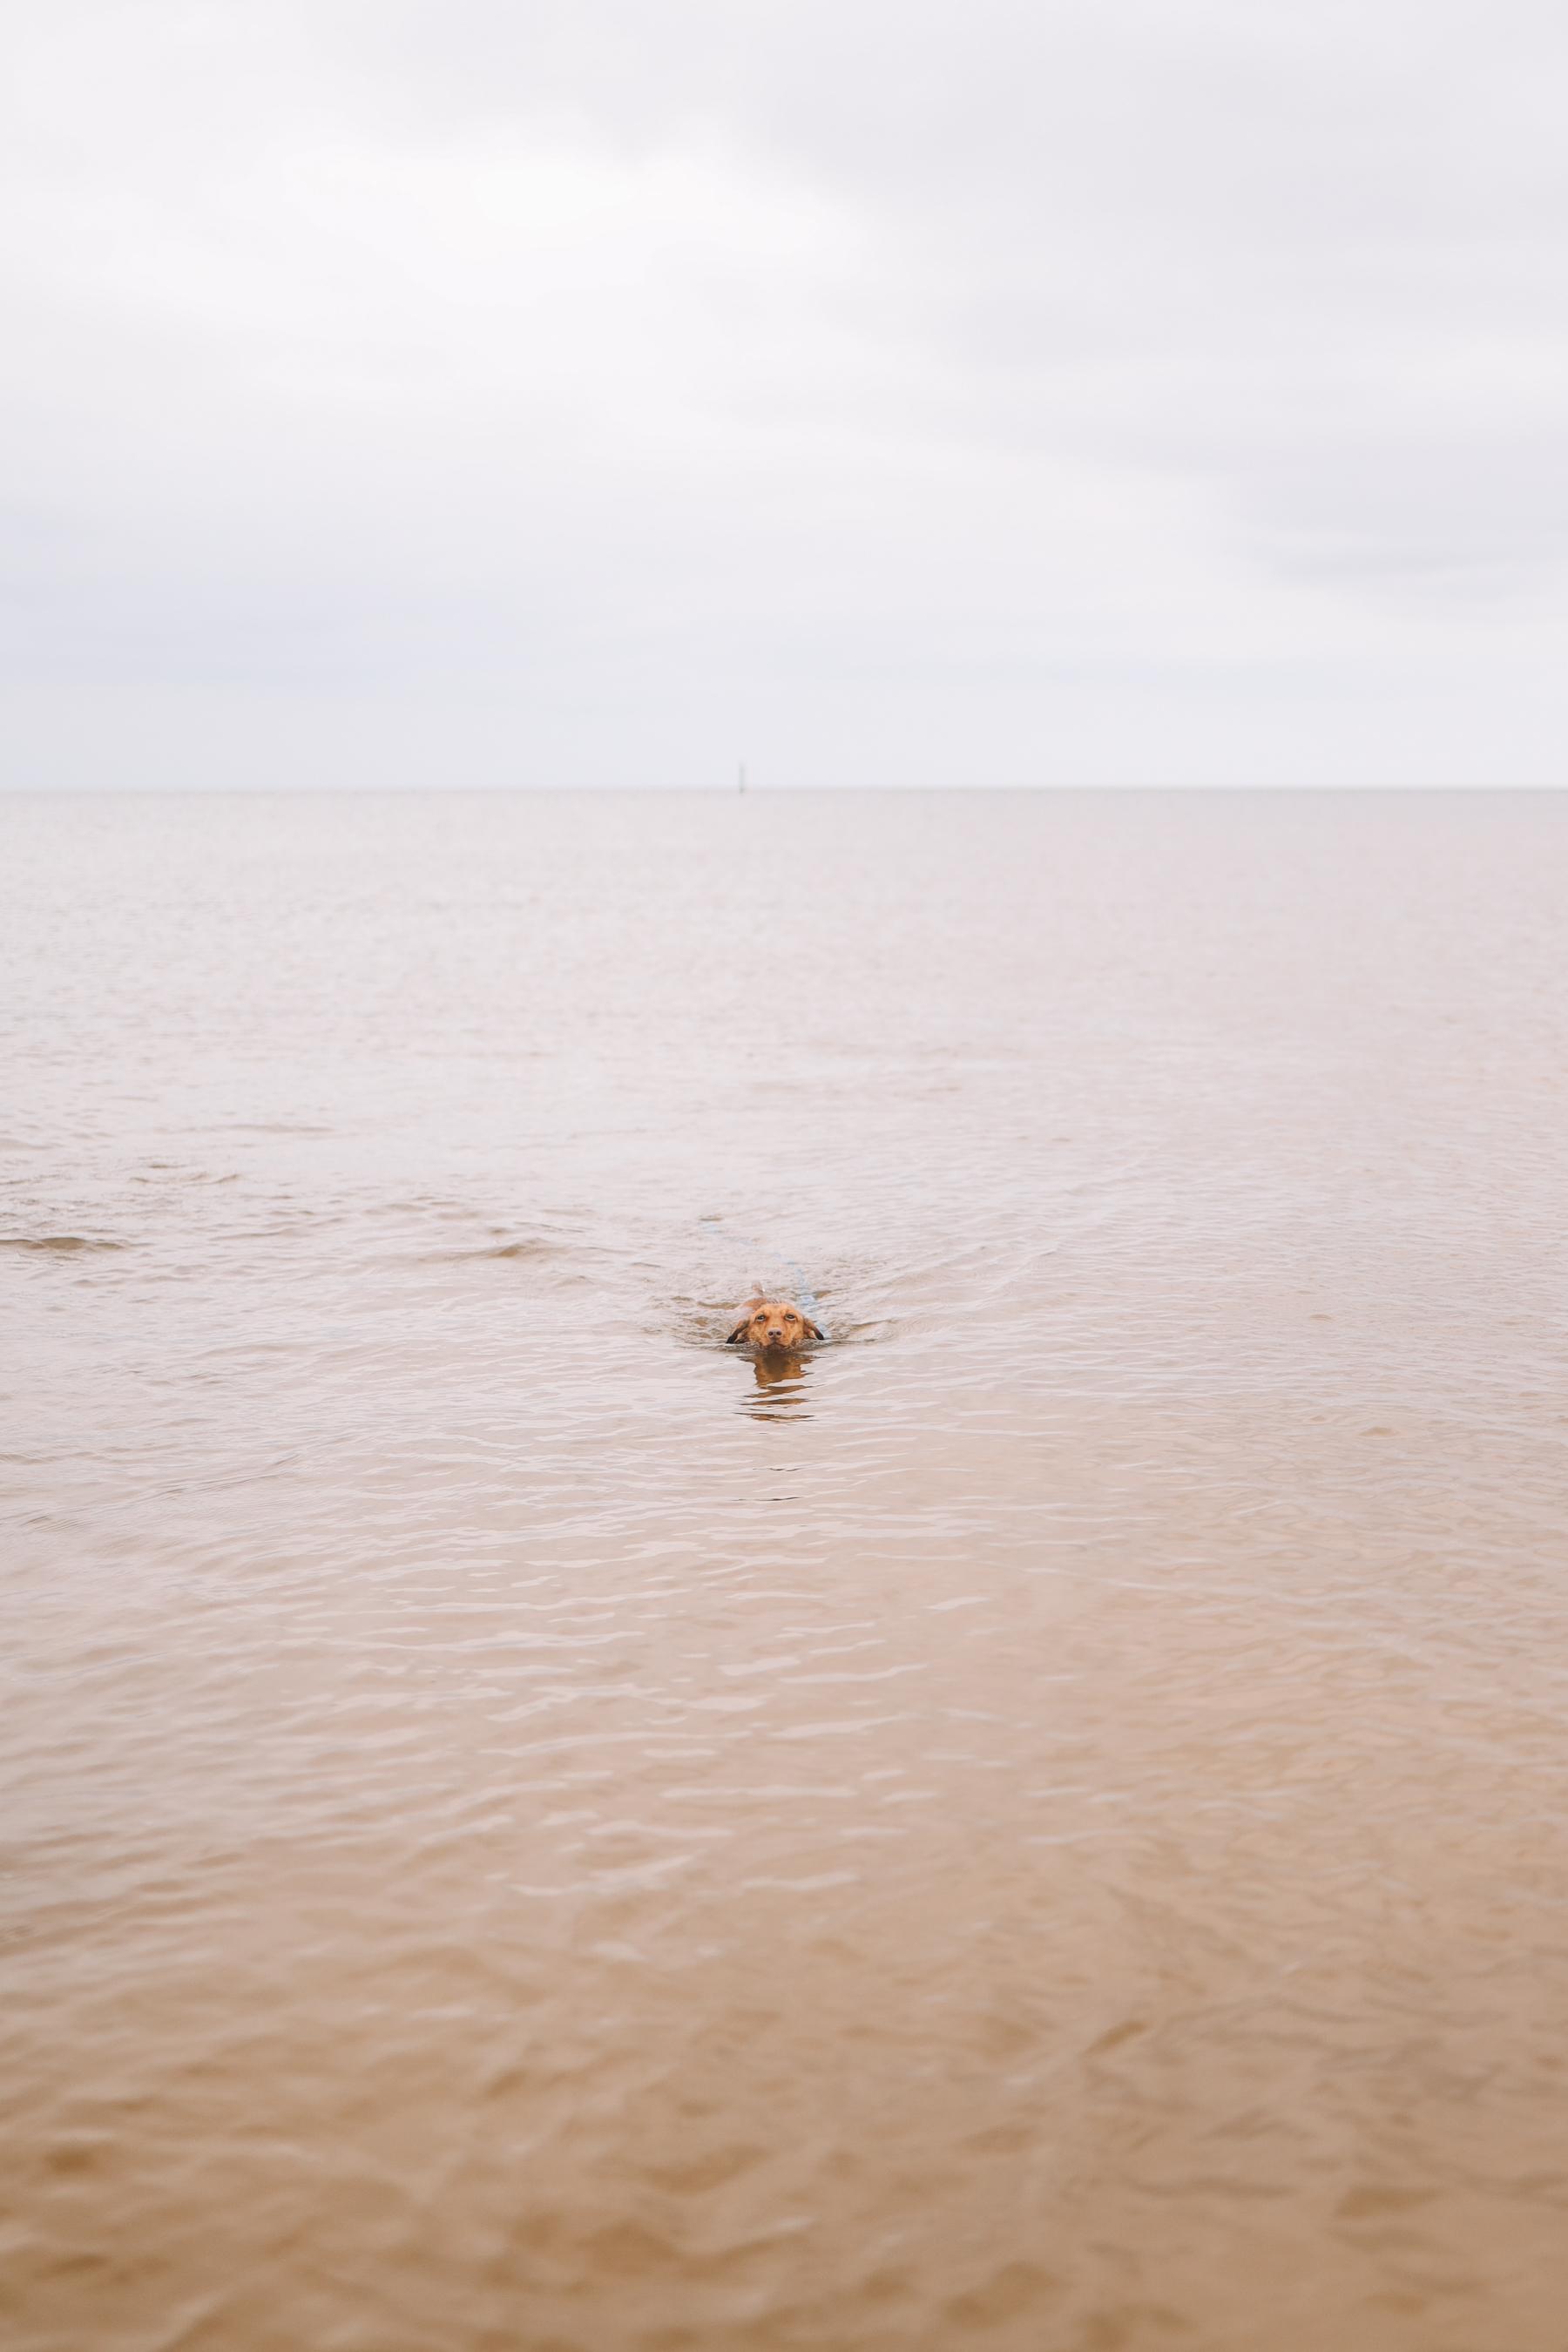 dachshund swimming